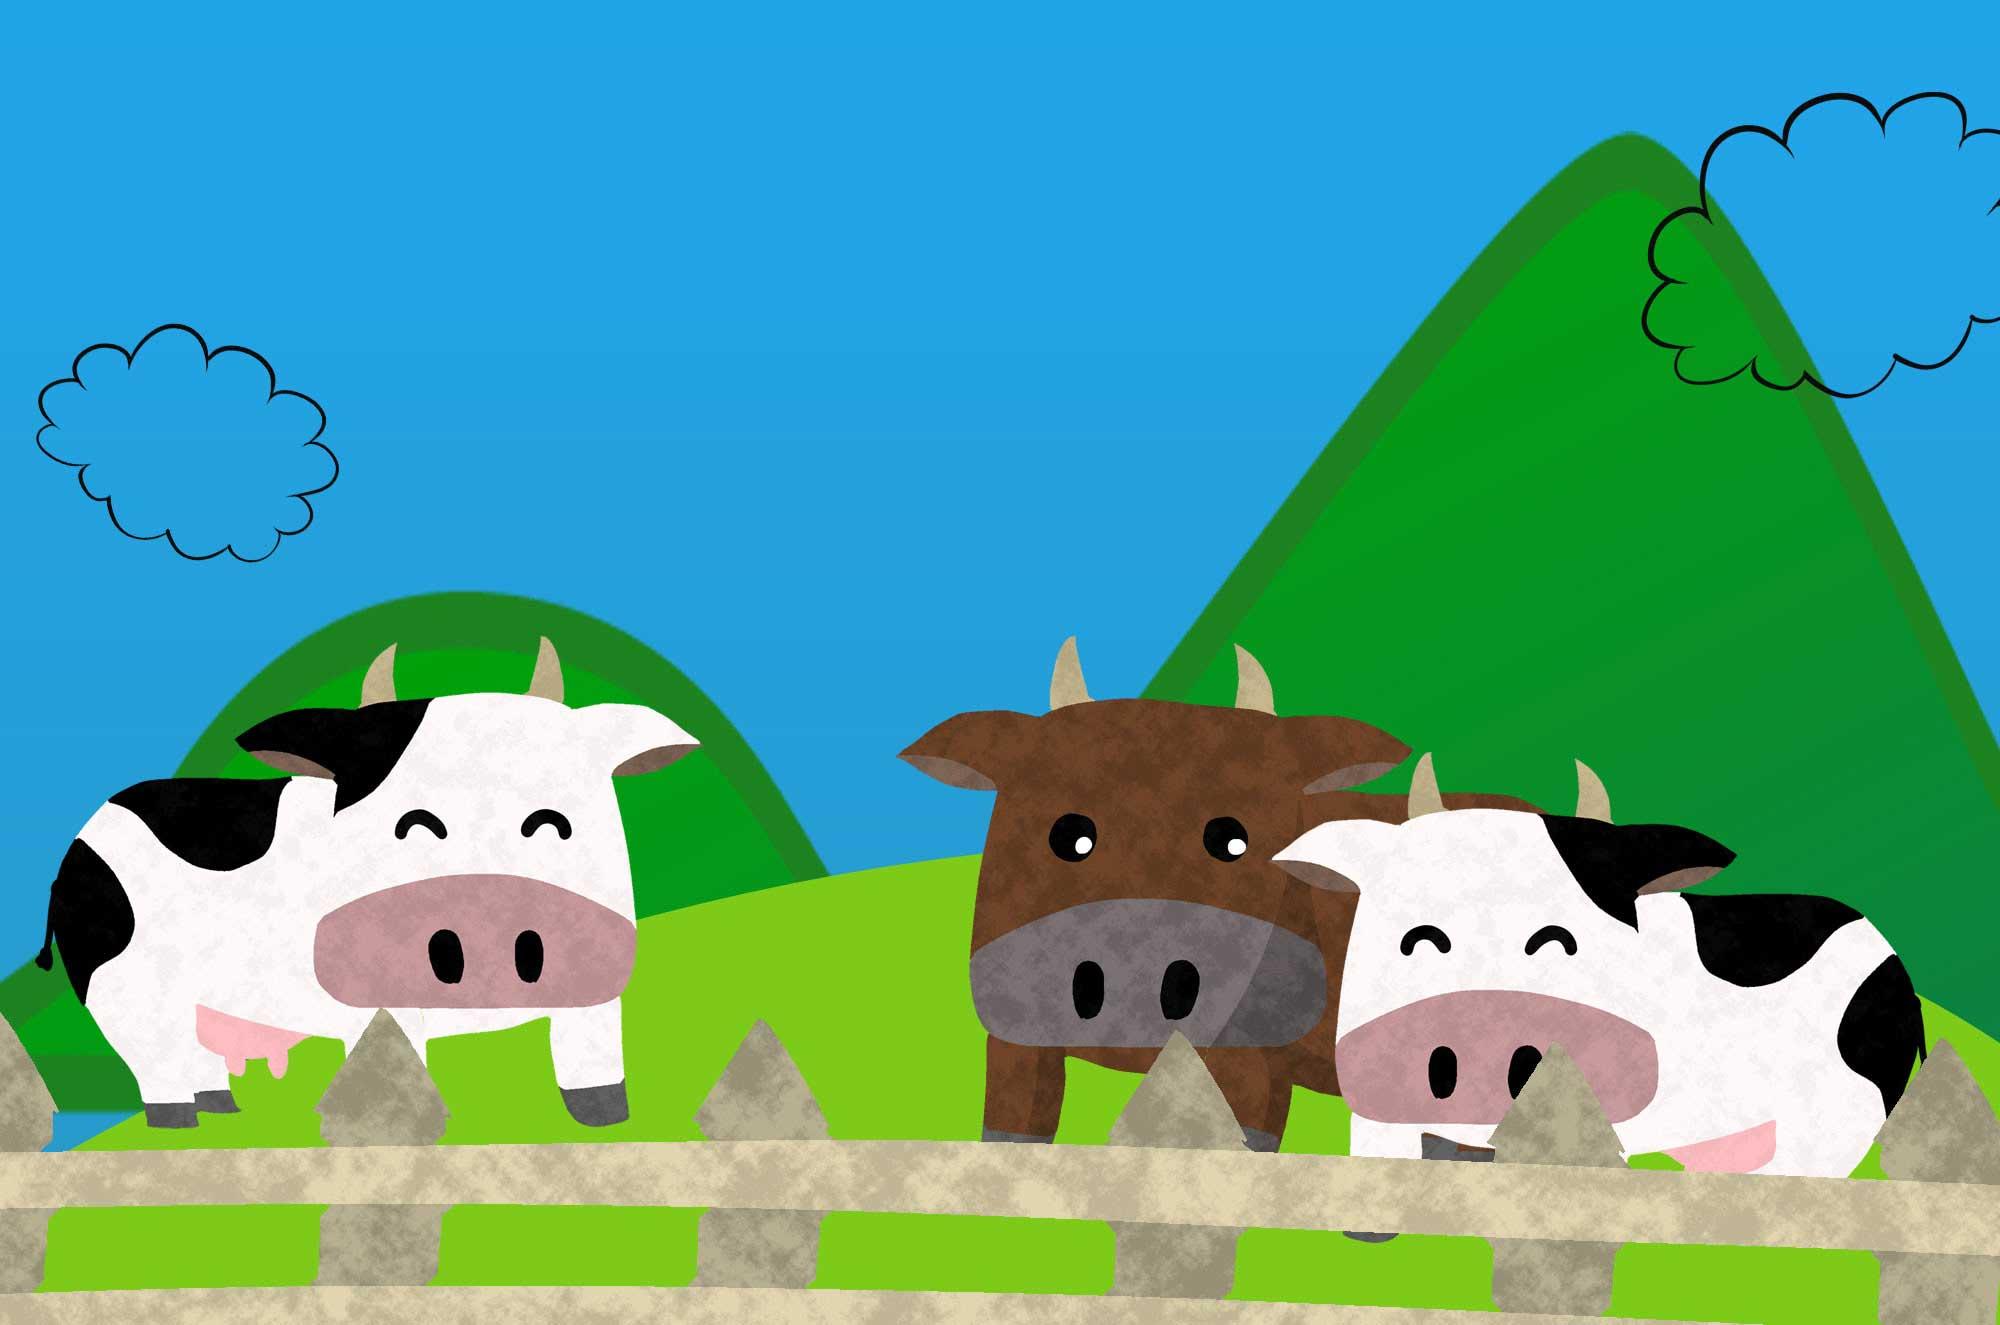 牛のフリーイラスト - 可愛い・かっこいい牧場の牛・和牛の素材